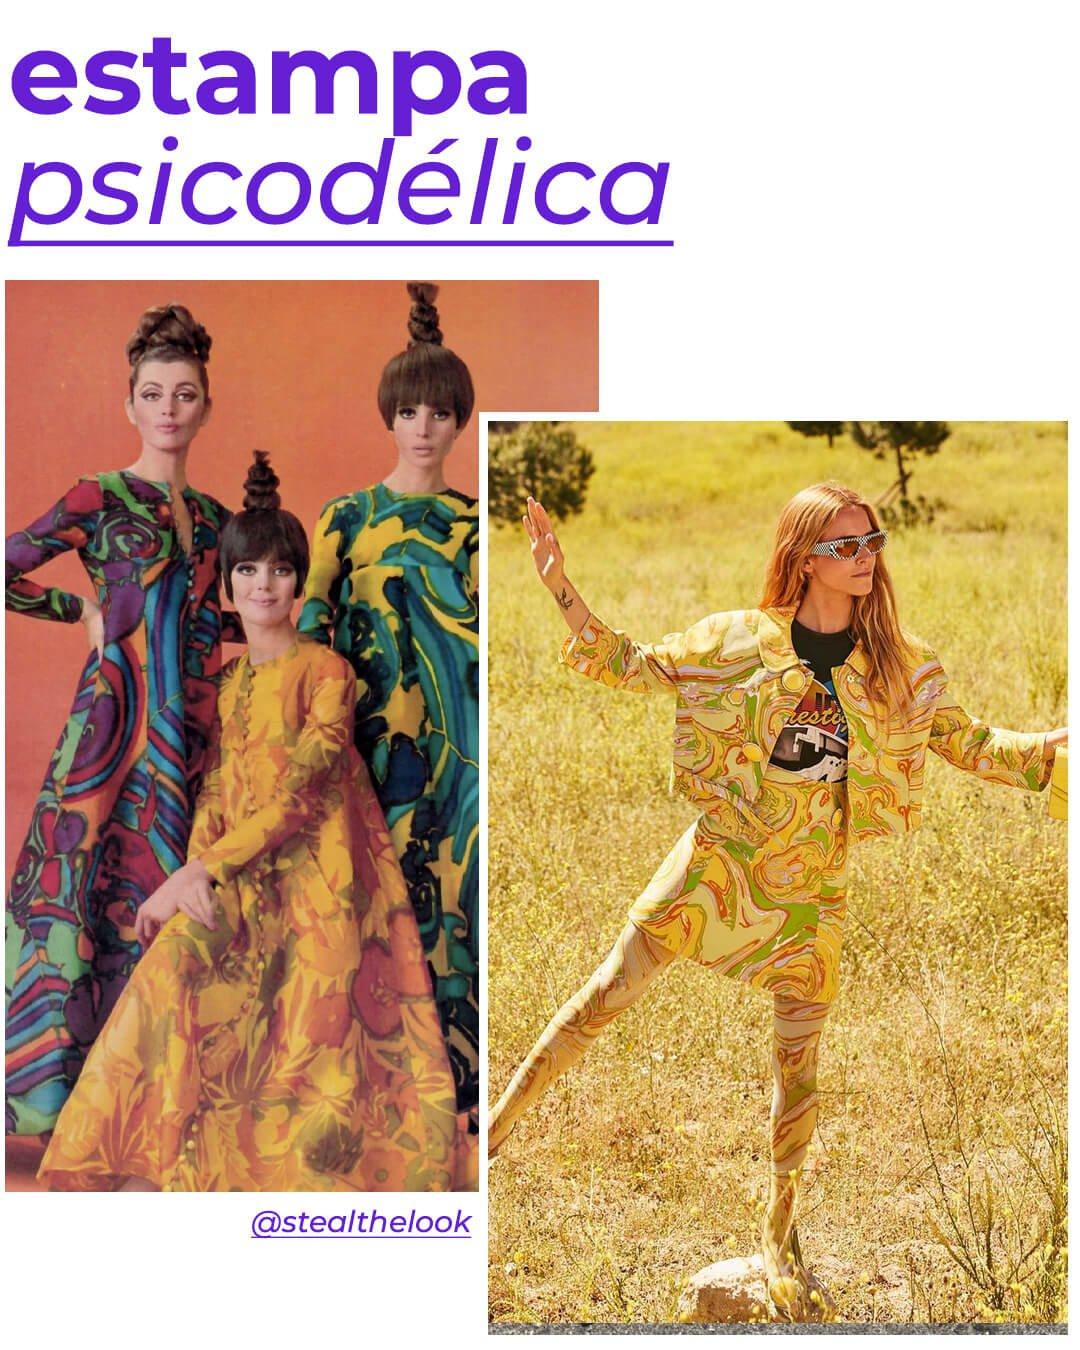 Jean Patou, Blanca Miró - moda dos anos 60 - moda anos 60 - verão - street style - https://stealthelook.com.br